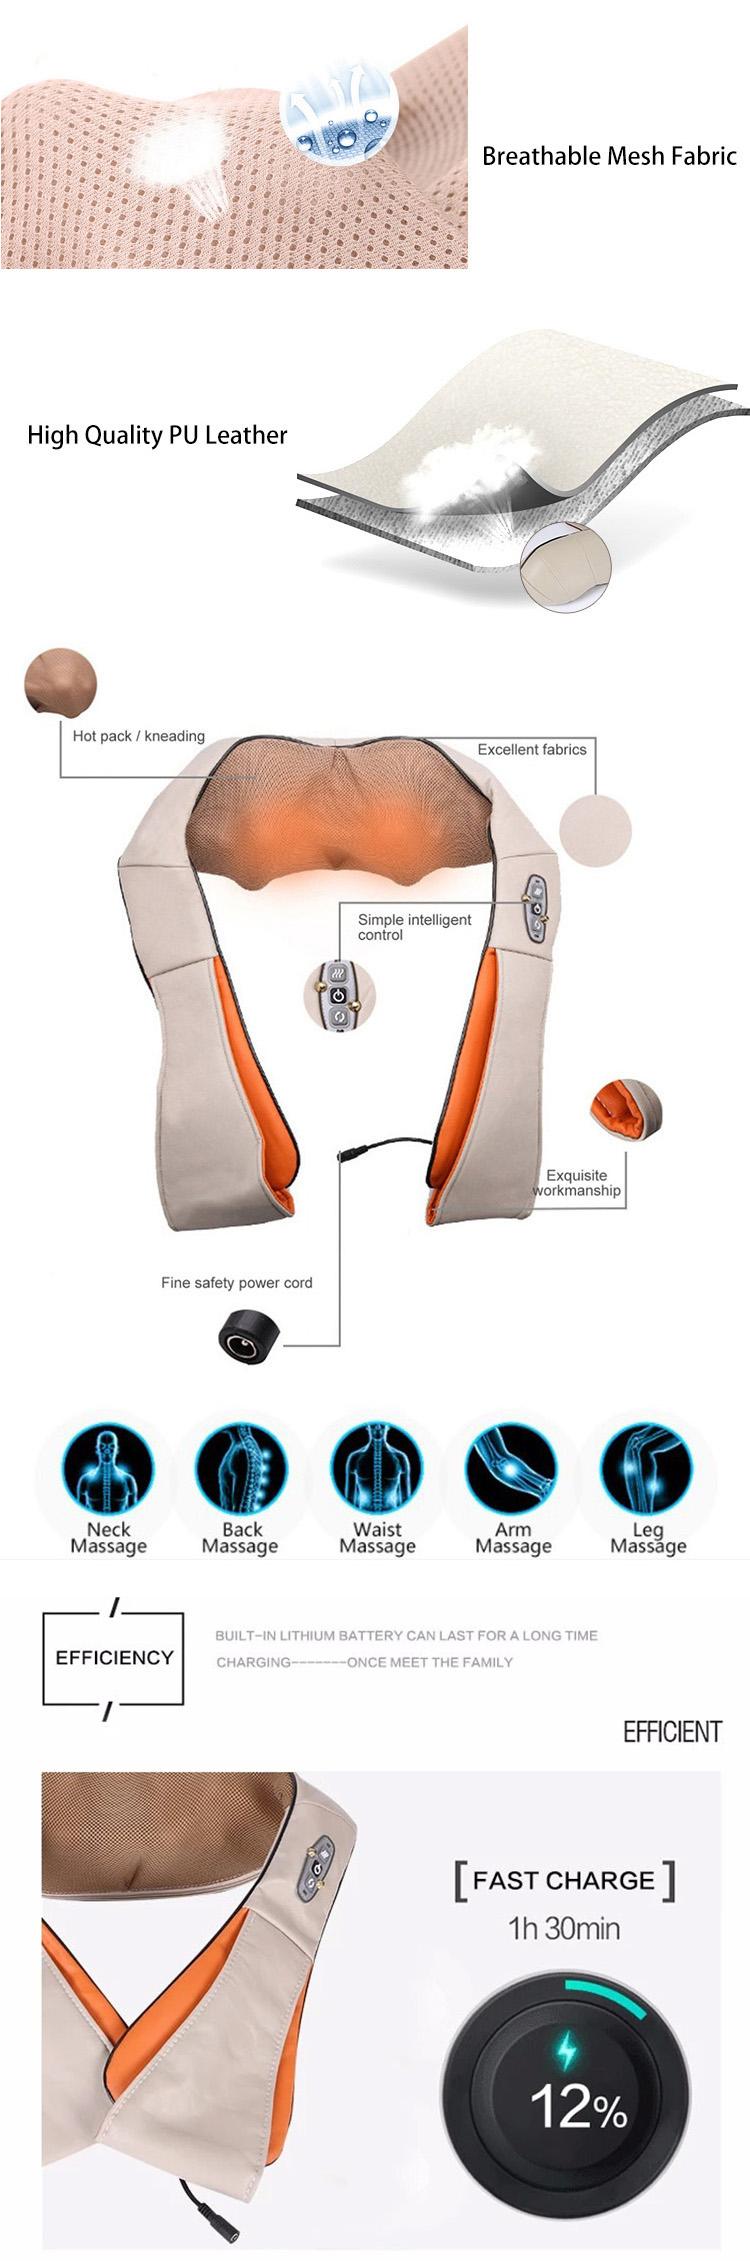 Kızılötesi yoğurma ısıtma verwarming geri ve boyun omuz masajı ağrı kesici